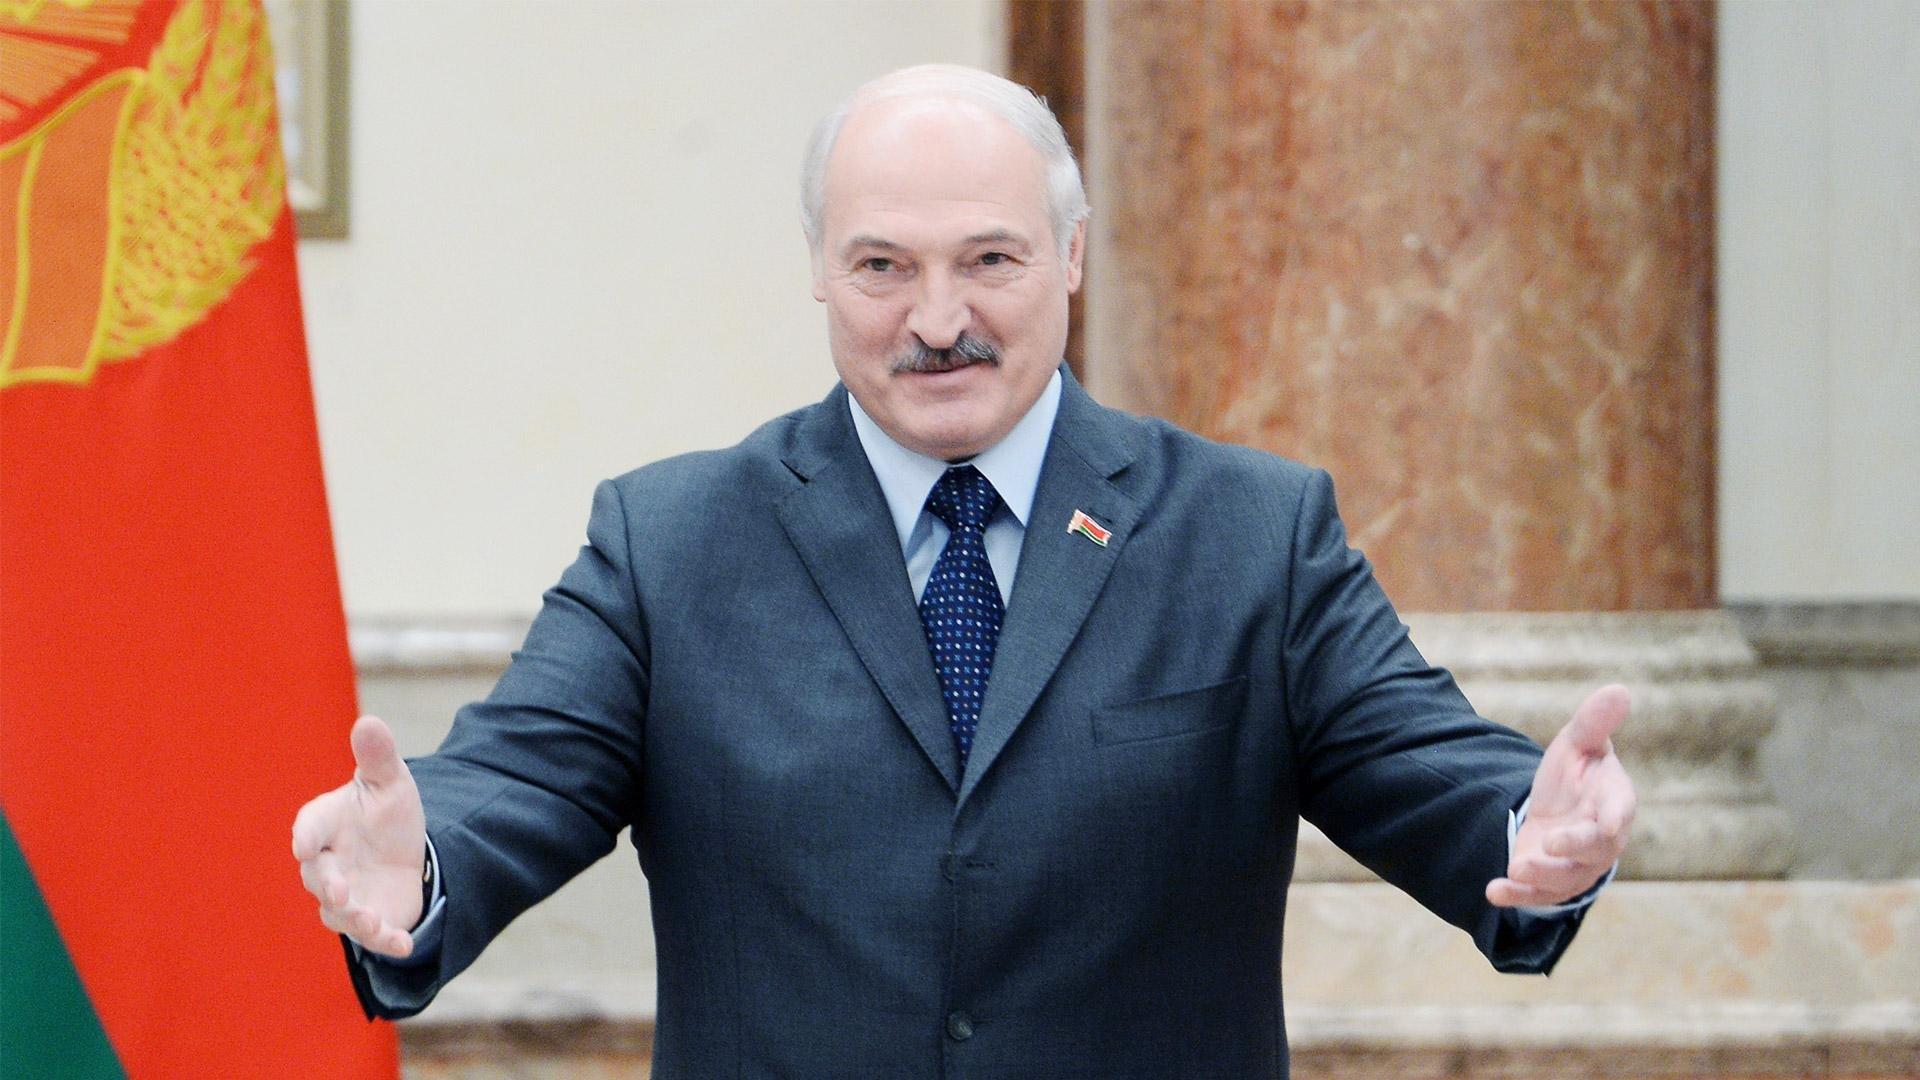 Обманывал 20 лет: раскрыт чудовищный план Лукашенко против Путина